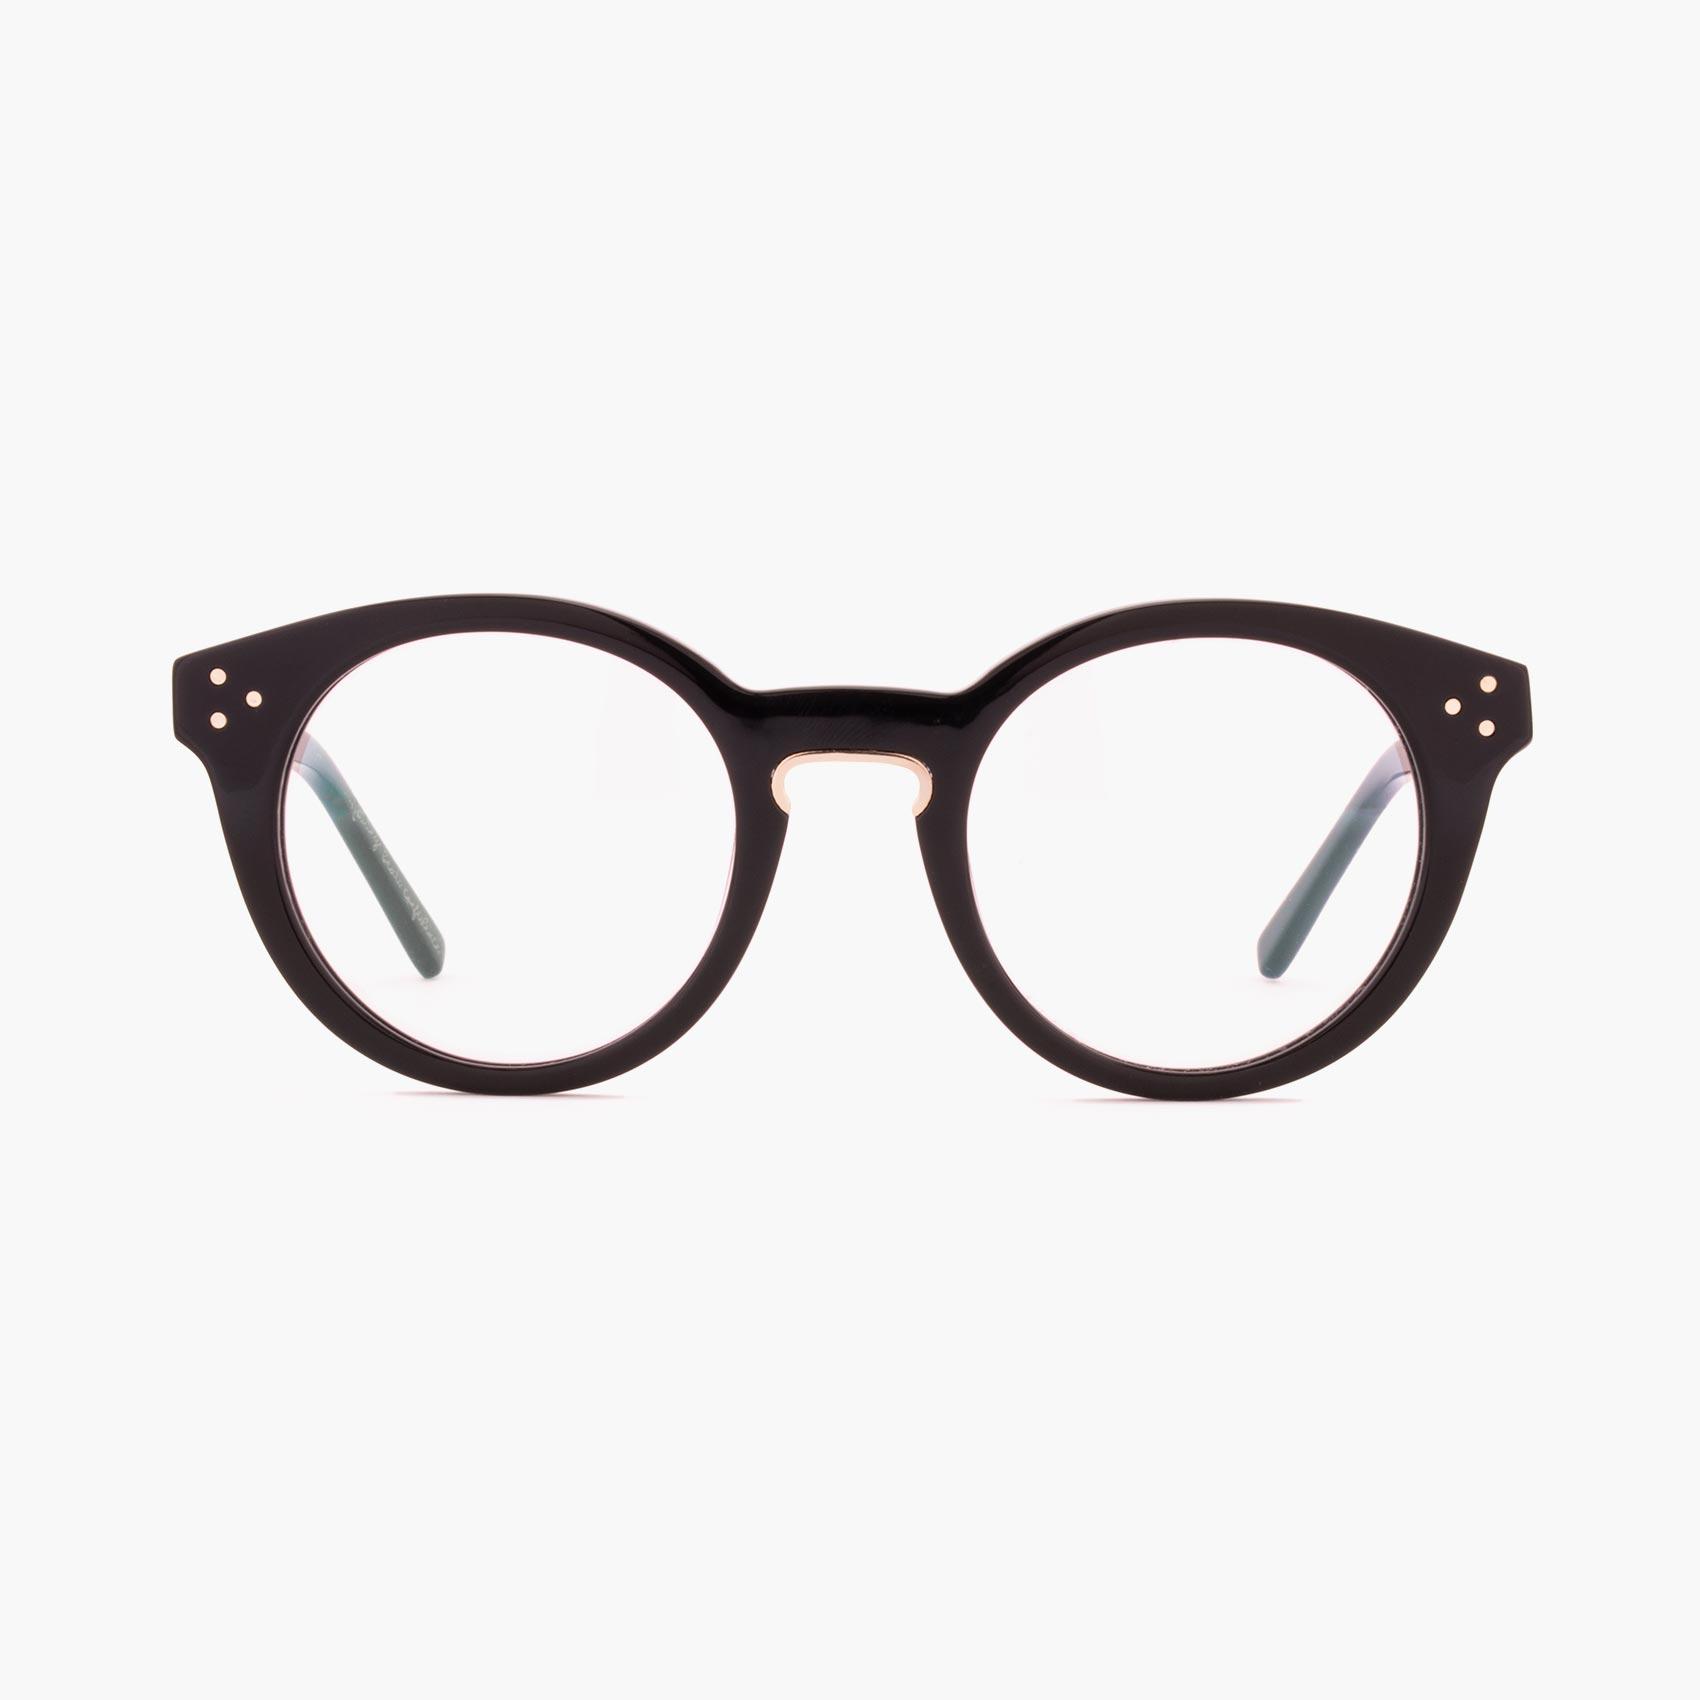 Gafas de estilo pantos graduadas para hombre o mujer Proud eyewear modelo Hanks negro